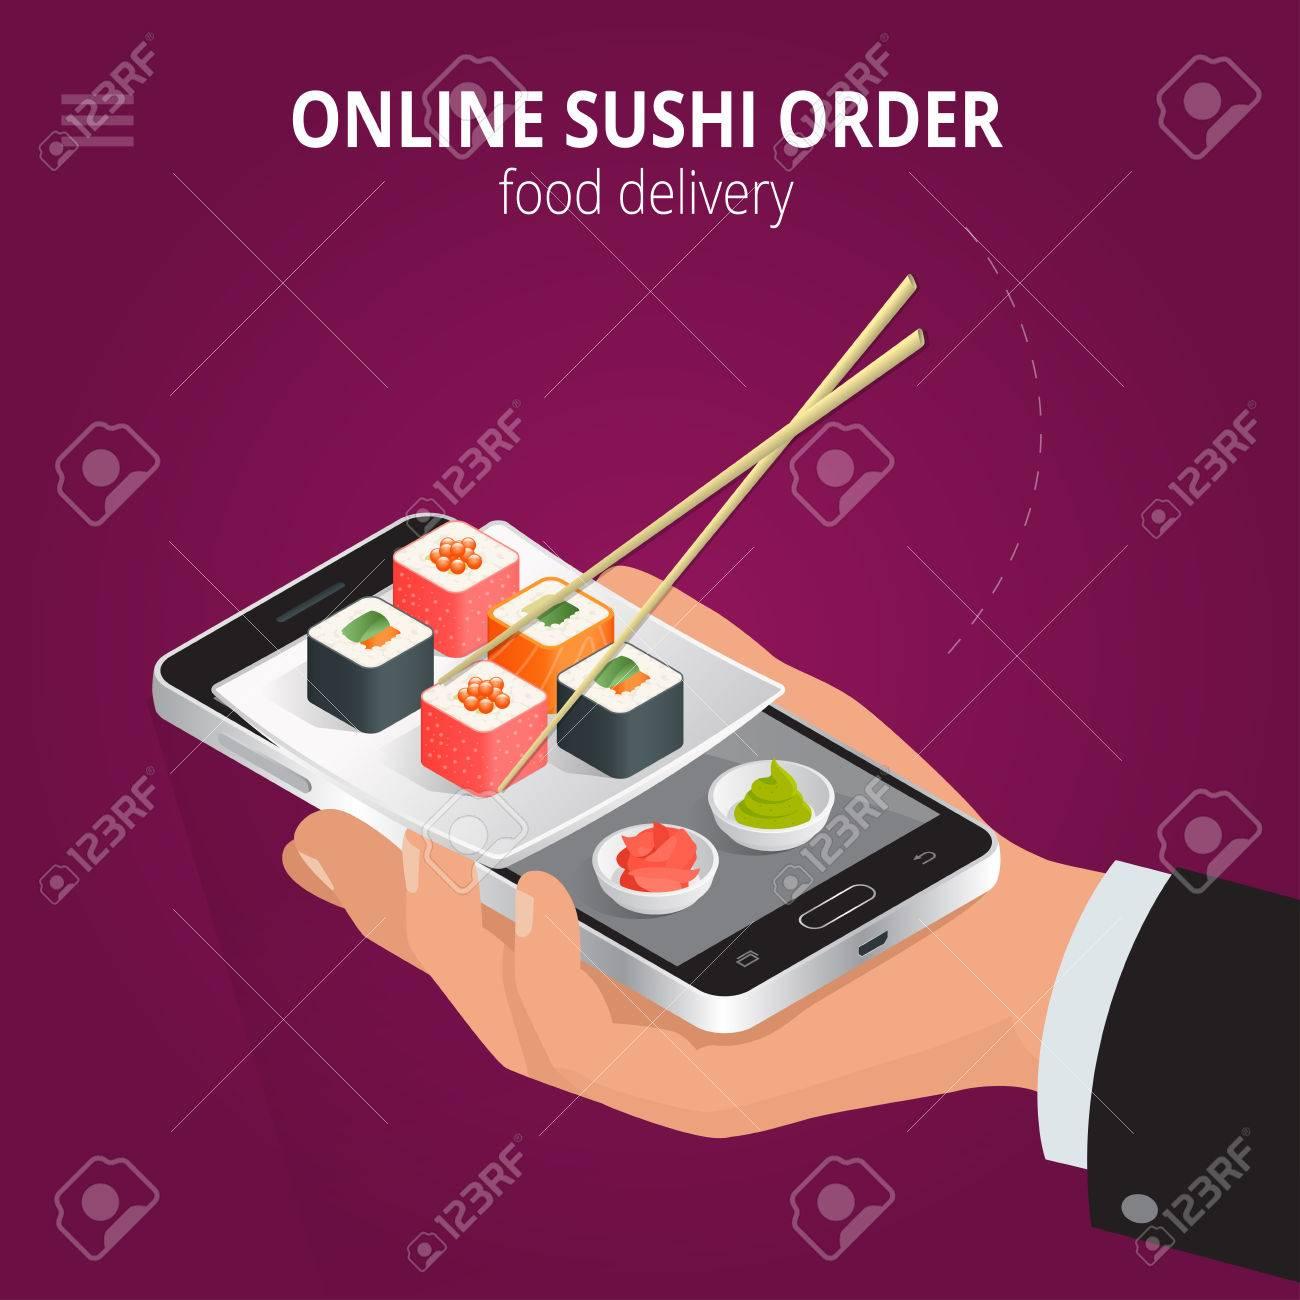 Online Sushi Ecommerce Concept Order Food Online Website Fast